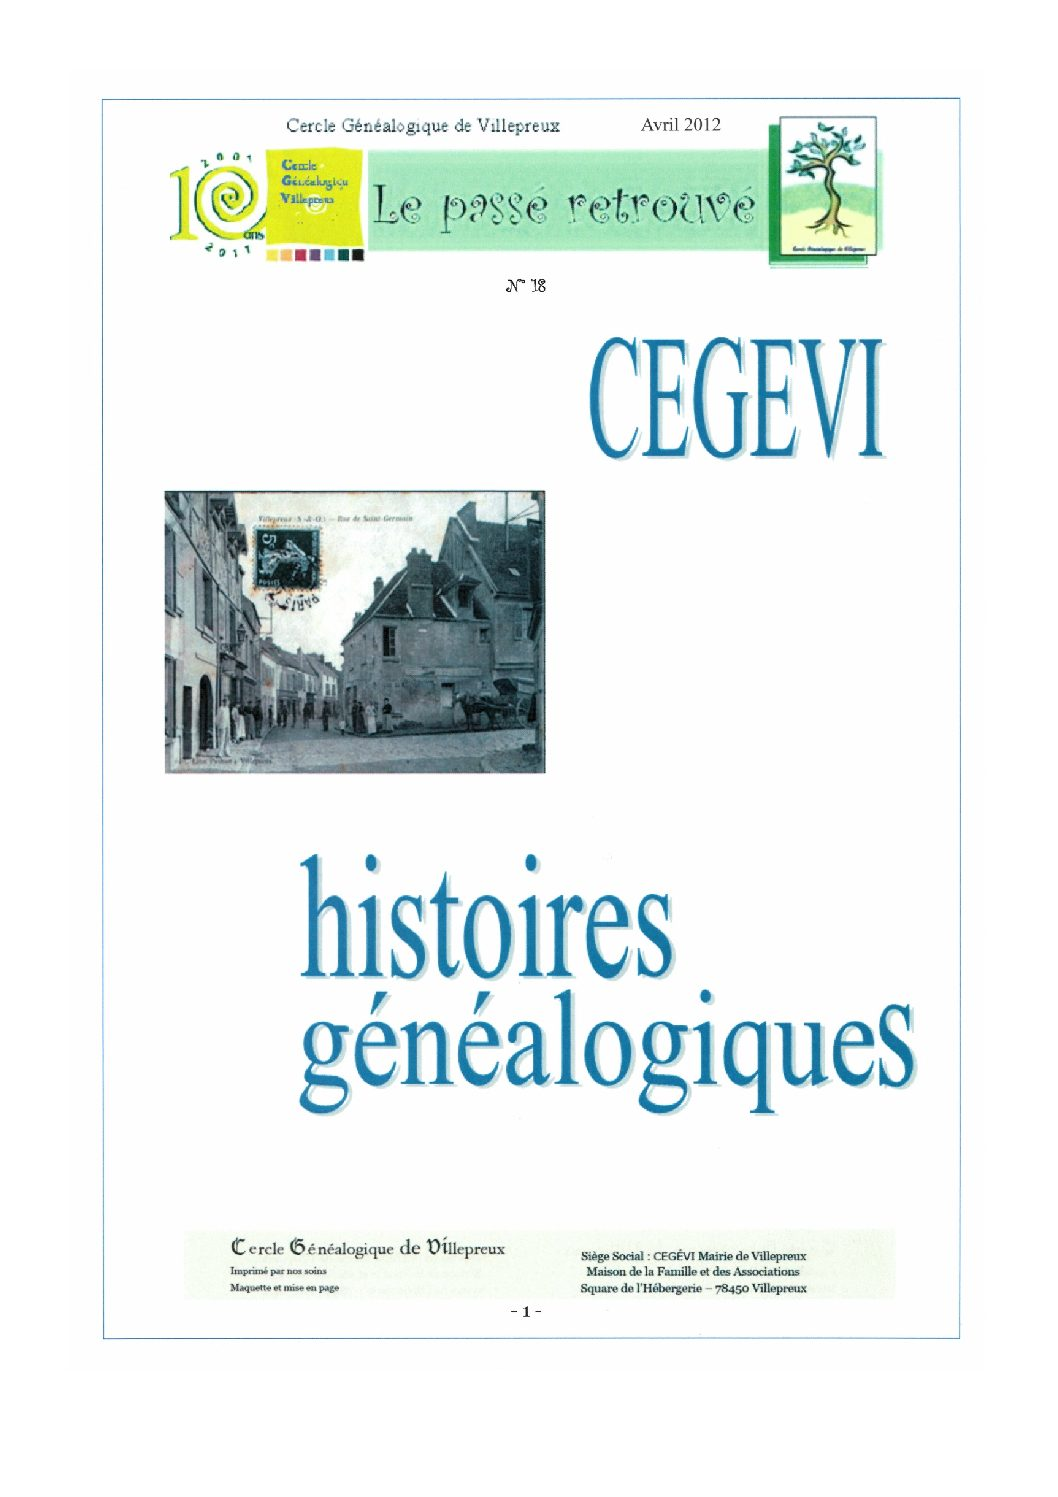 Article généalogie